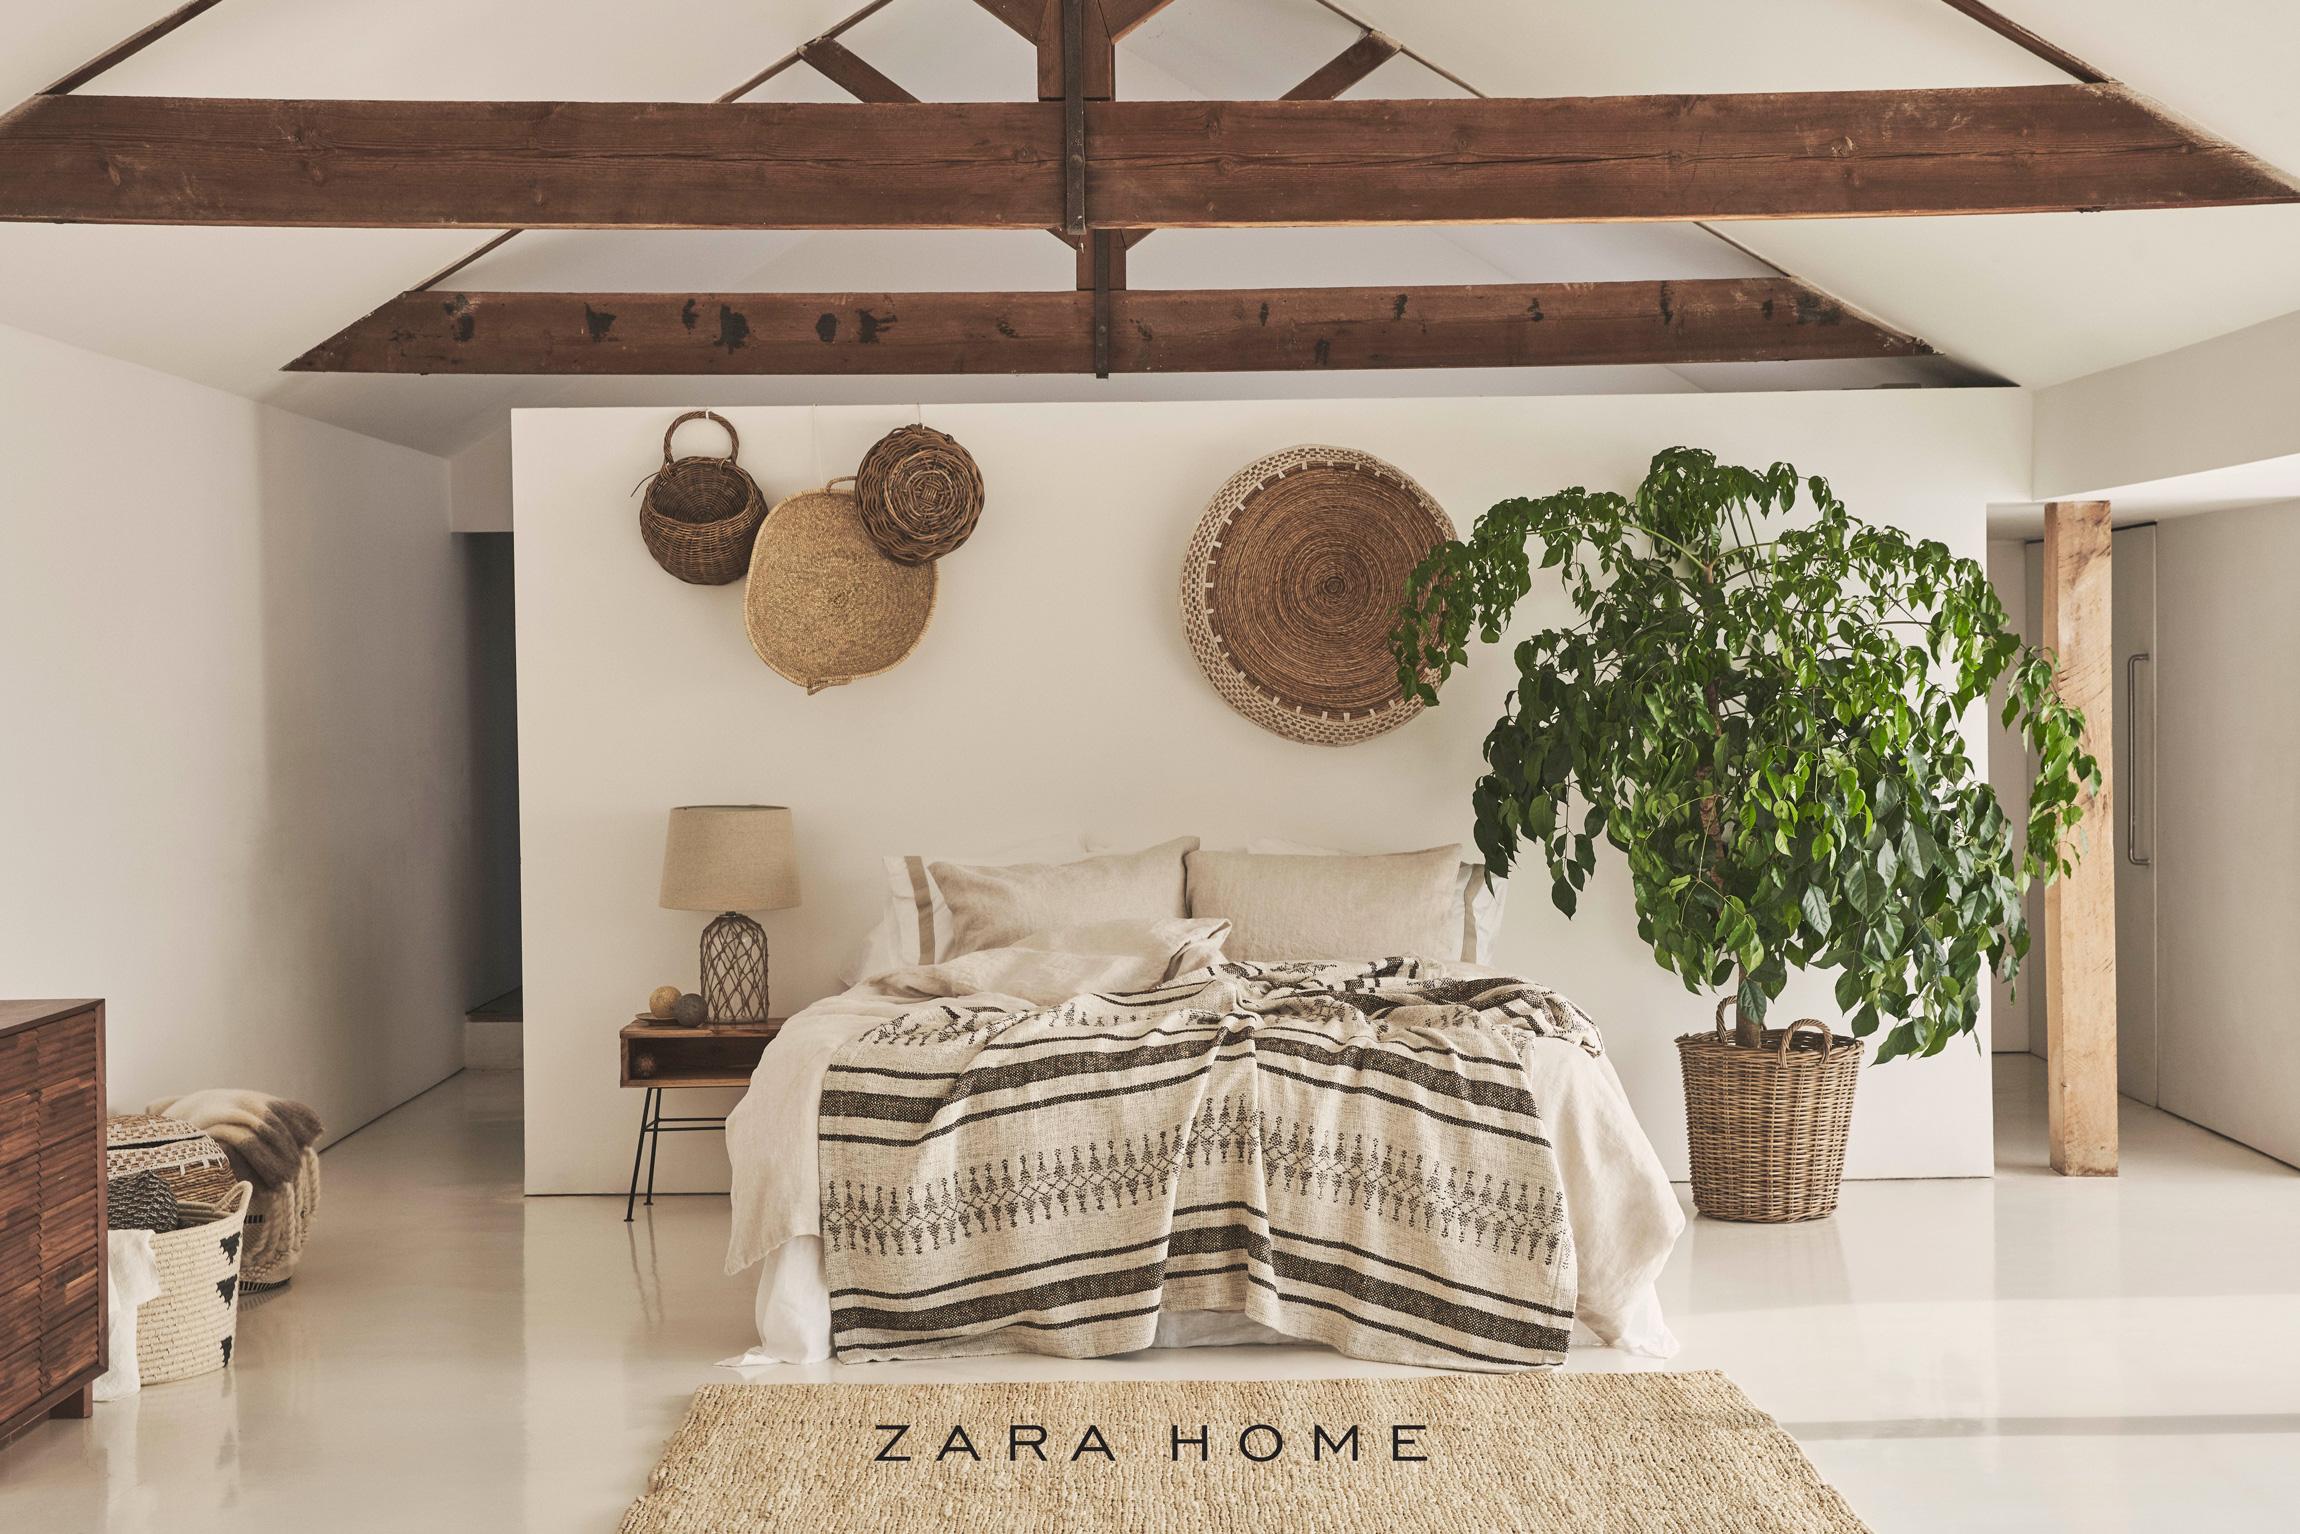 Zara_Home_1